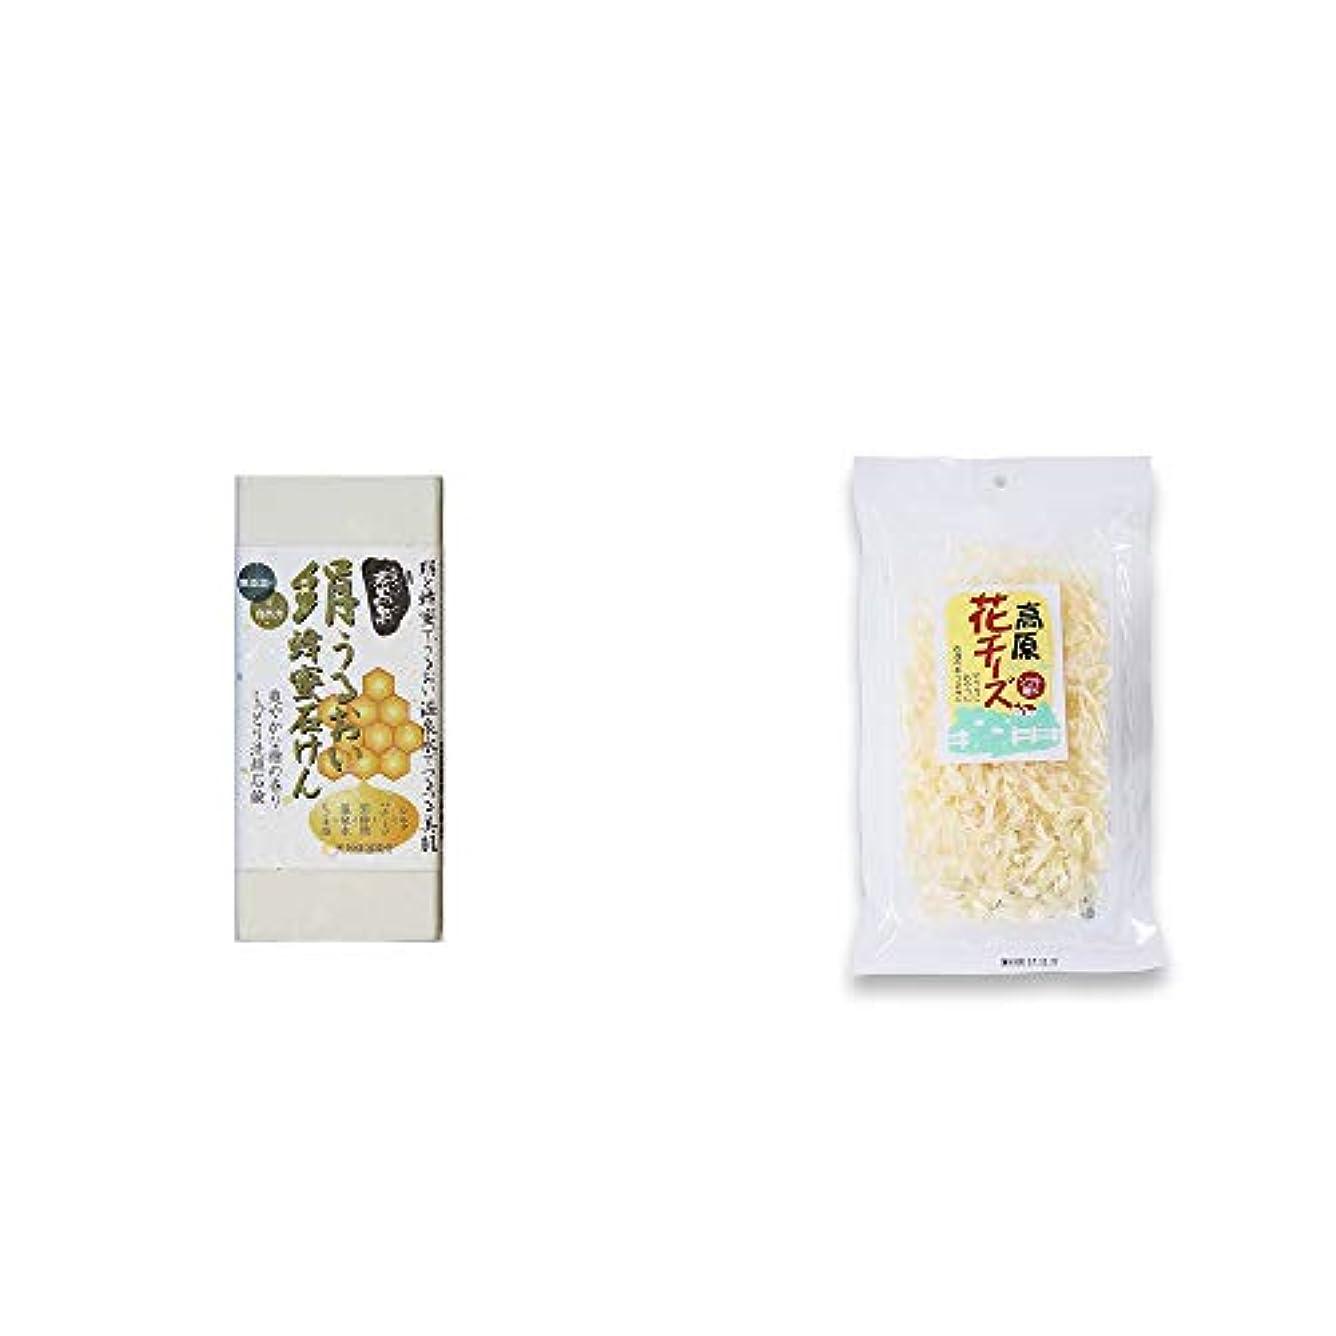 寝室トイレ誇り[2点セット] ひのき炭黒泉 絹うるおい蜂蜜石けん(75g×2)?高原の花チーズ(56g)